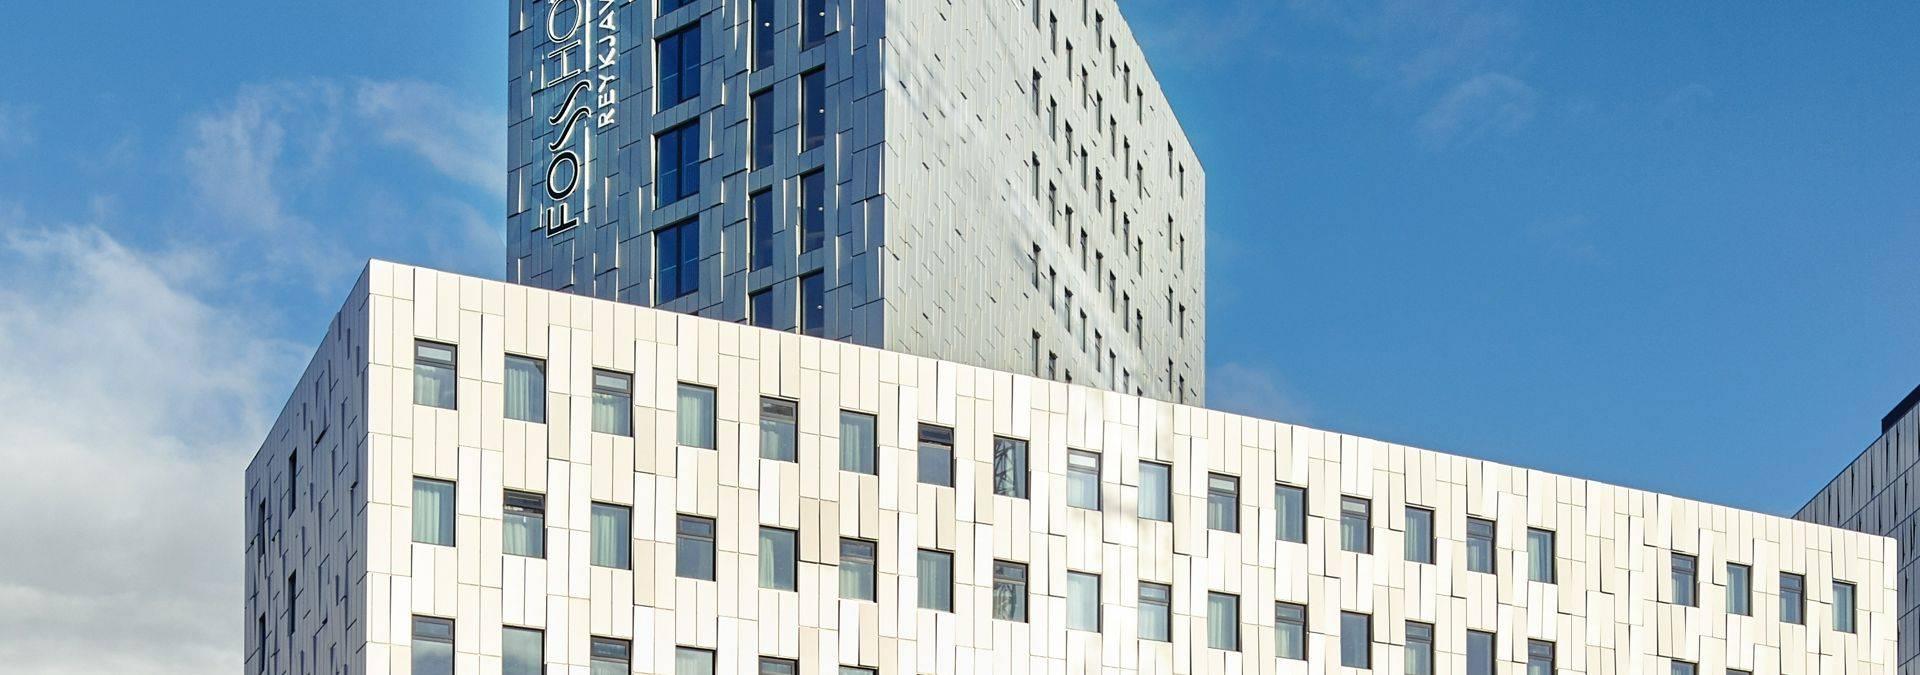 Fosshotel Reykjavik 30490483163 O